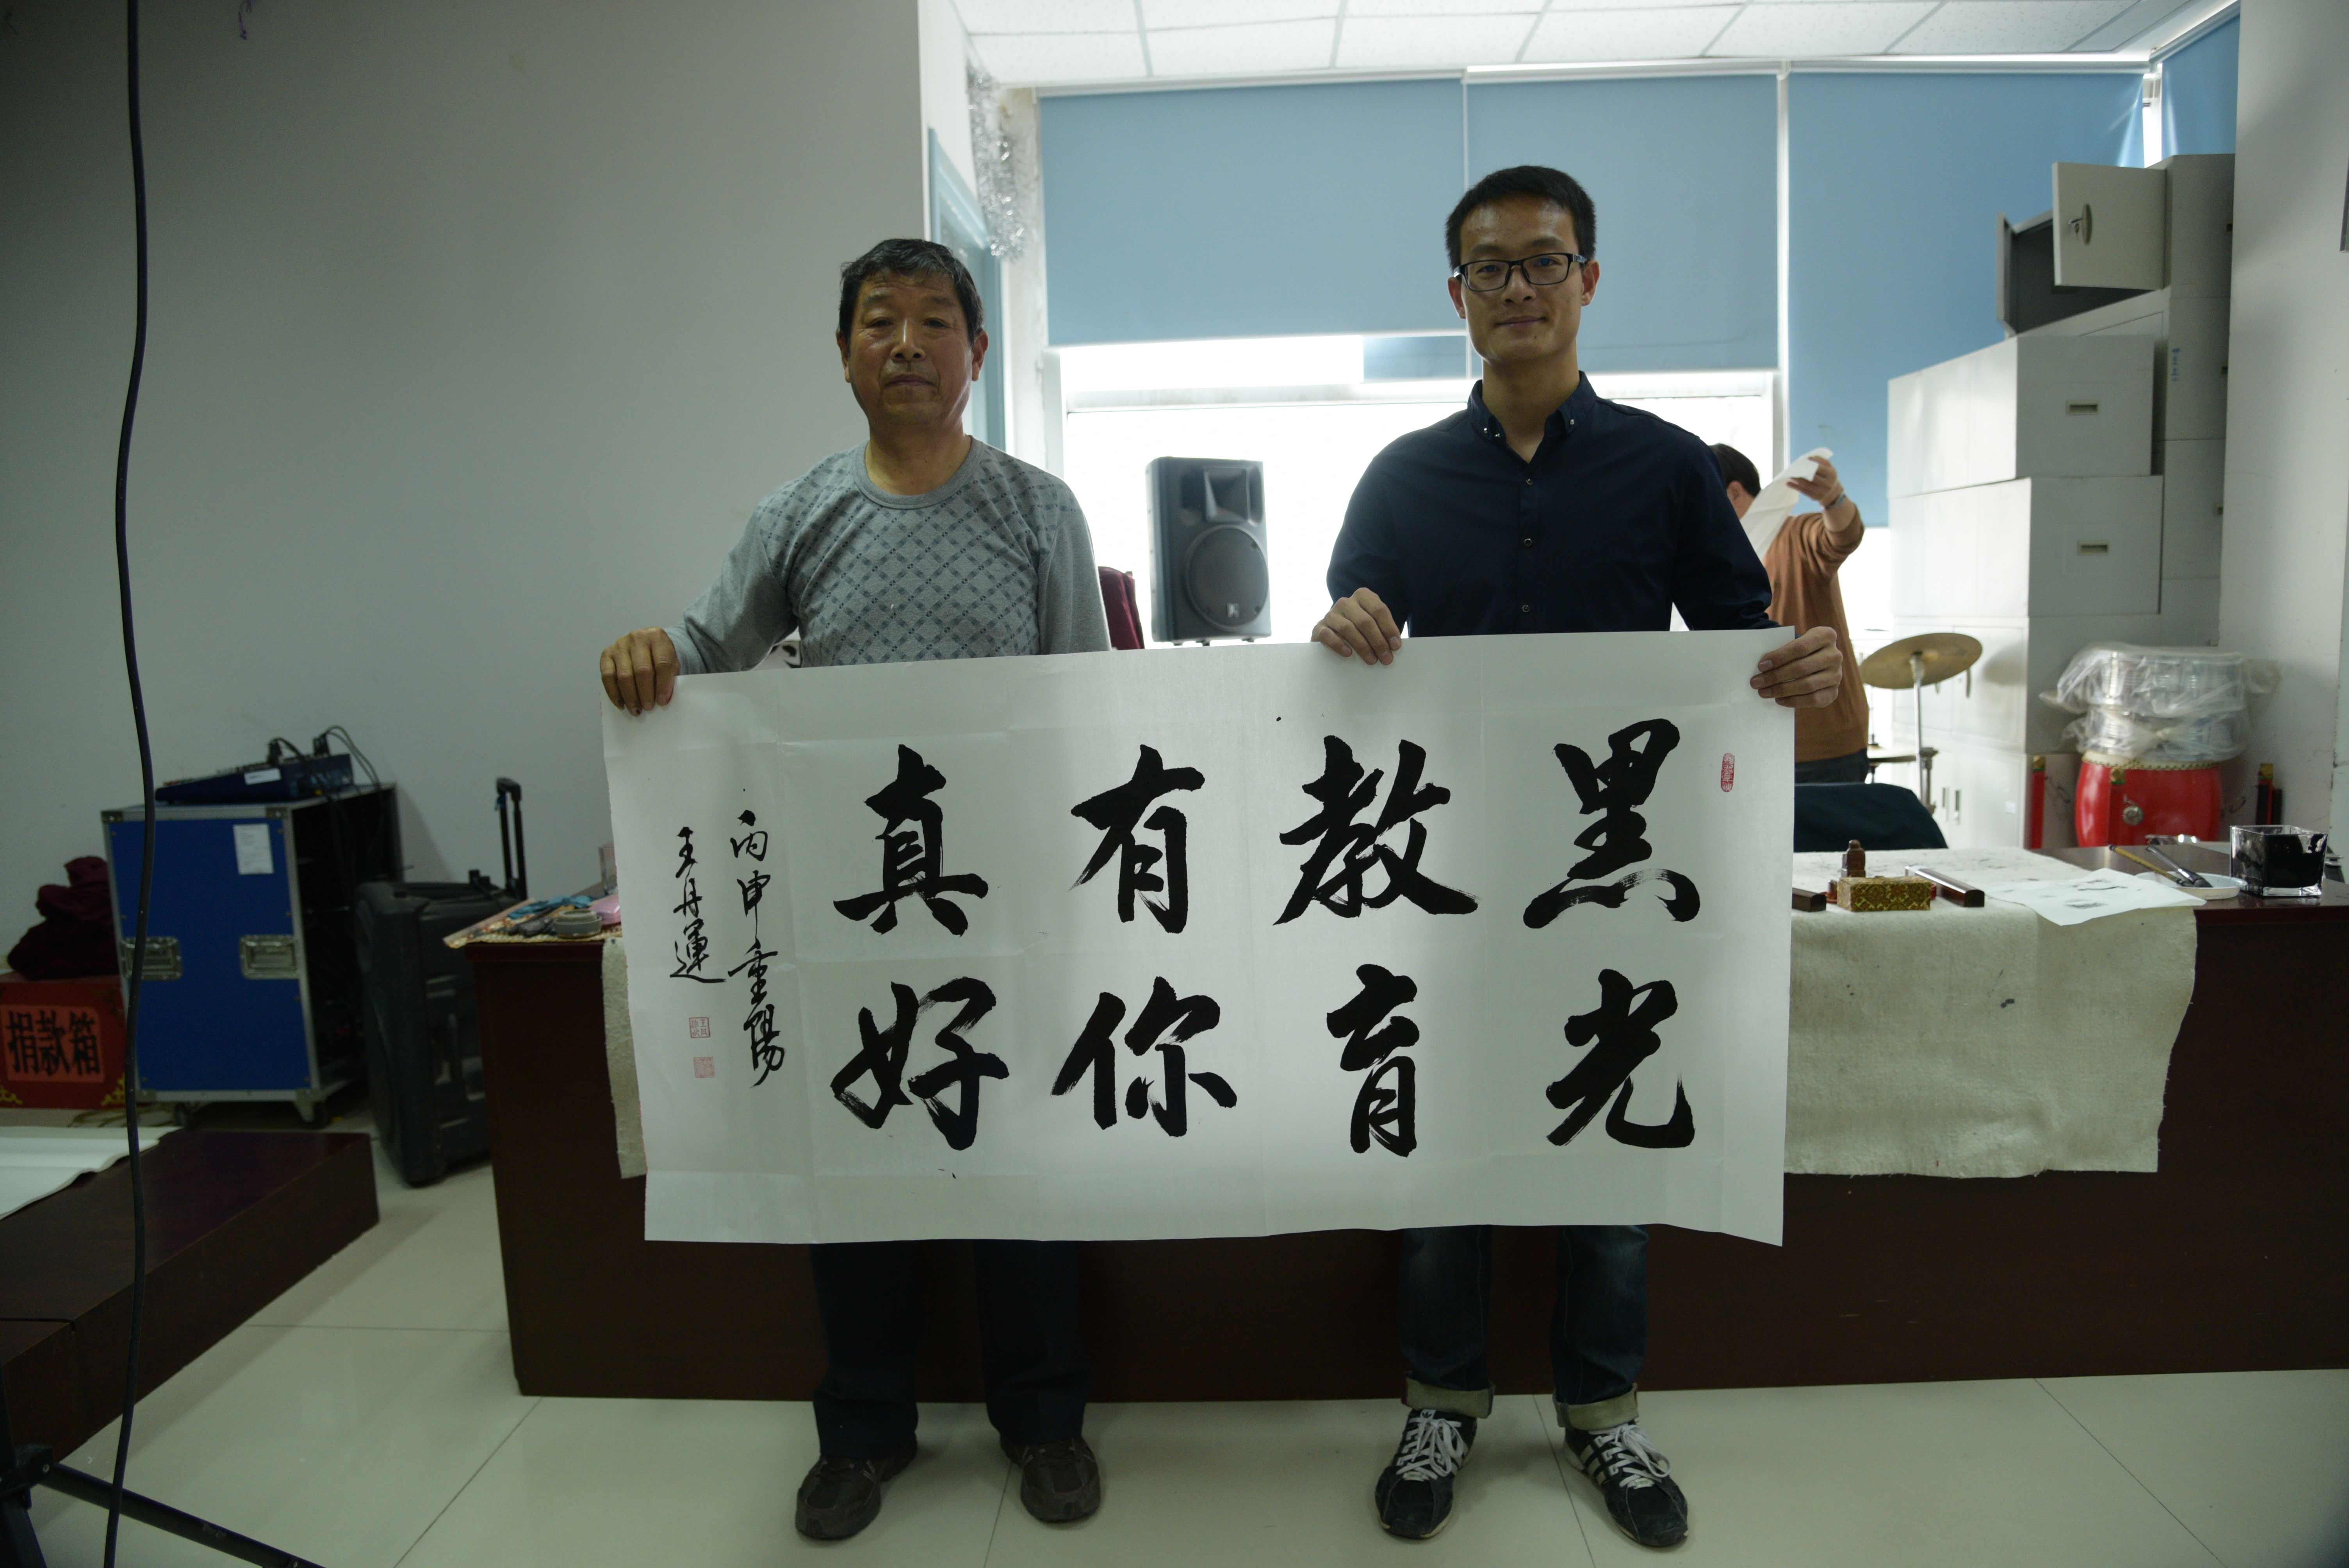 北京黑光教育携手社区举办重阳节敬老活动